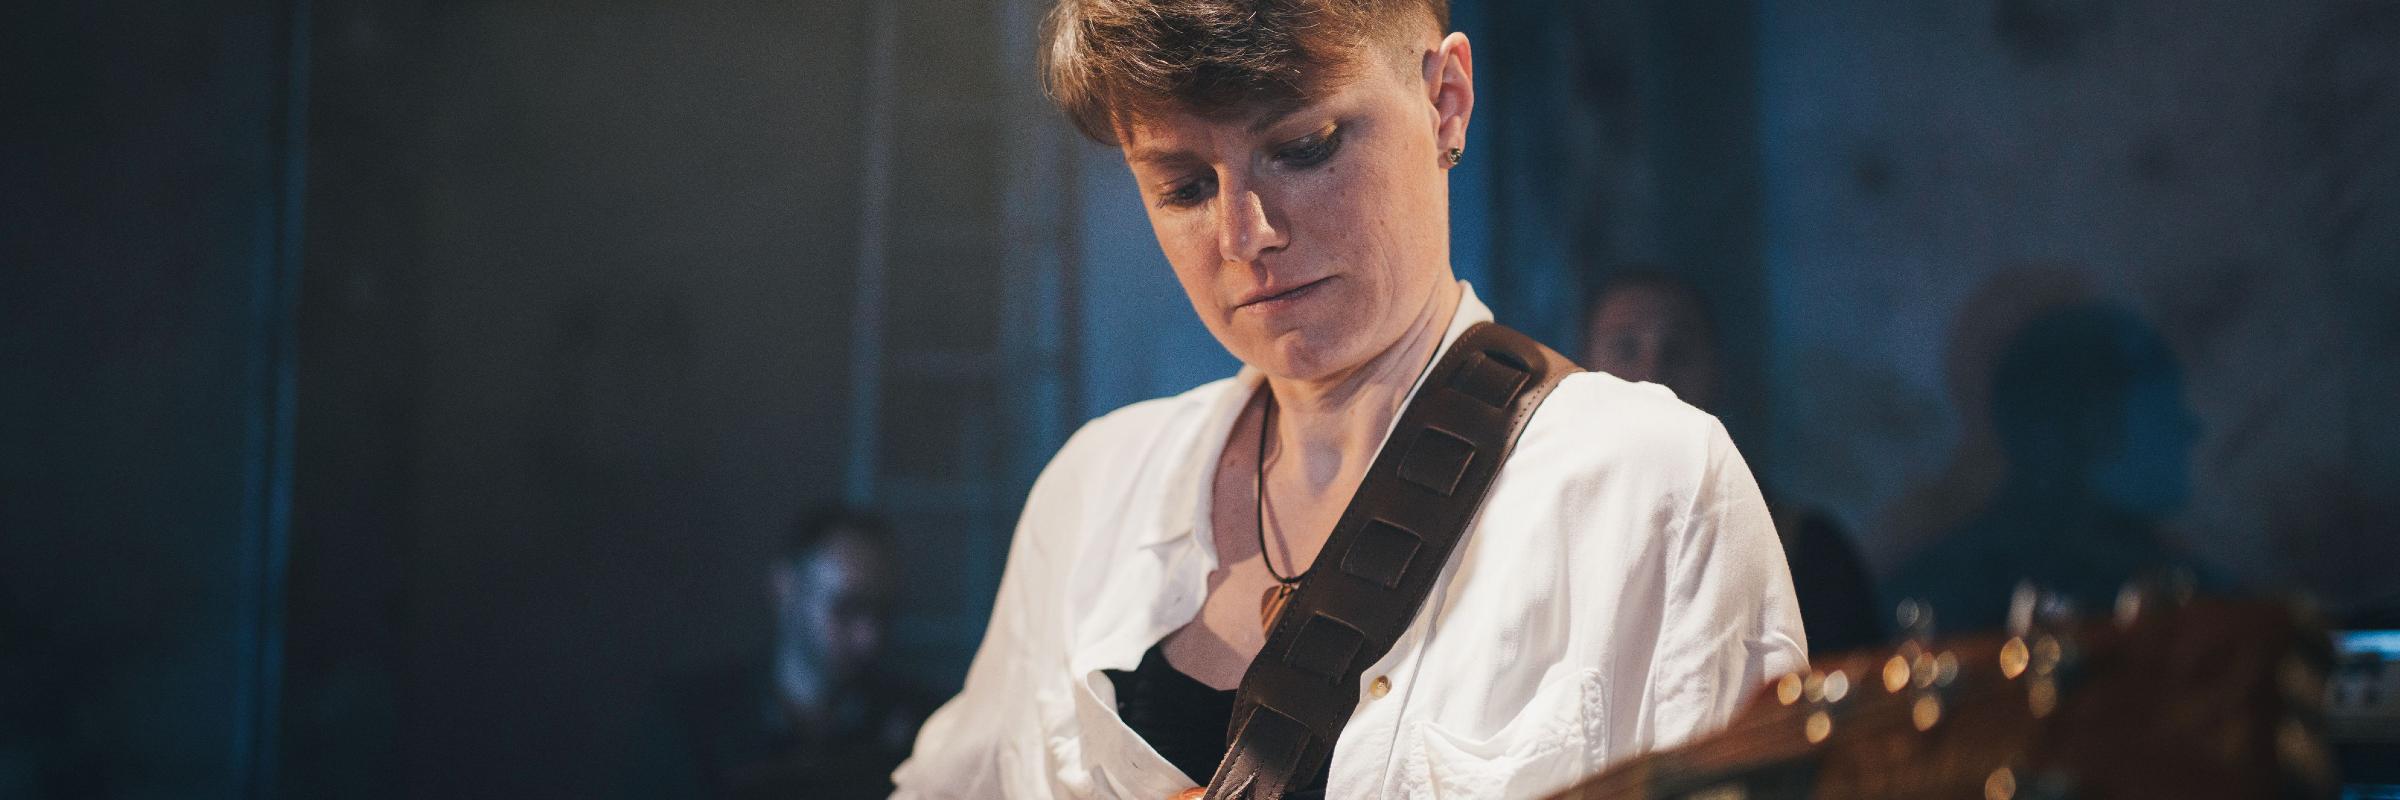 Enelos, musicien Rock en représentation à Doubs - photo de couverture n° 2